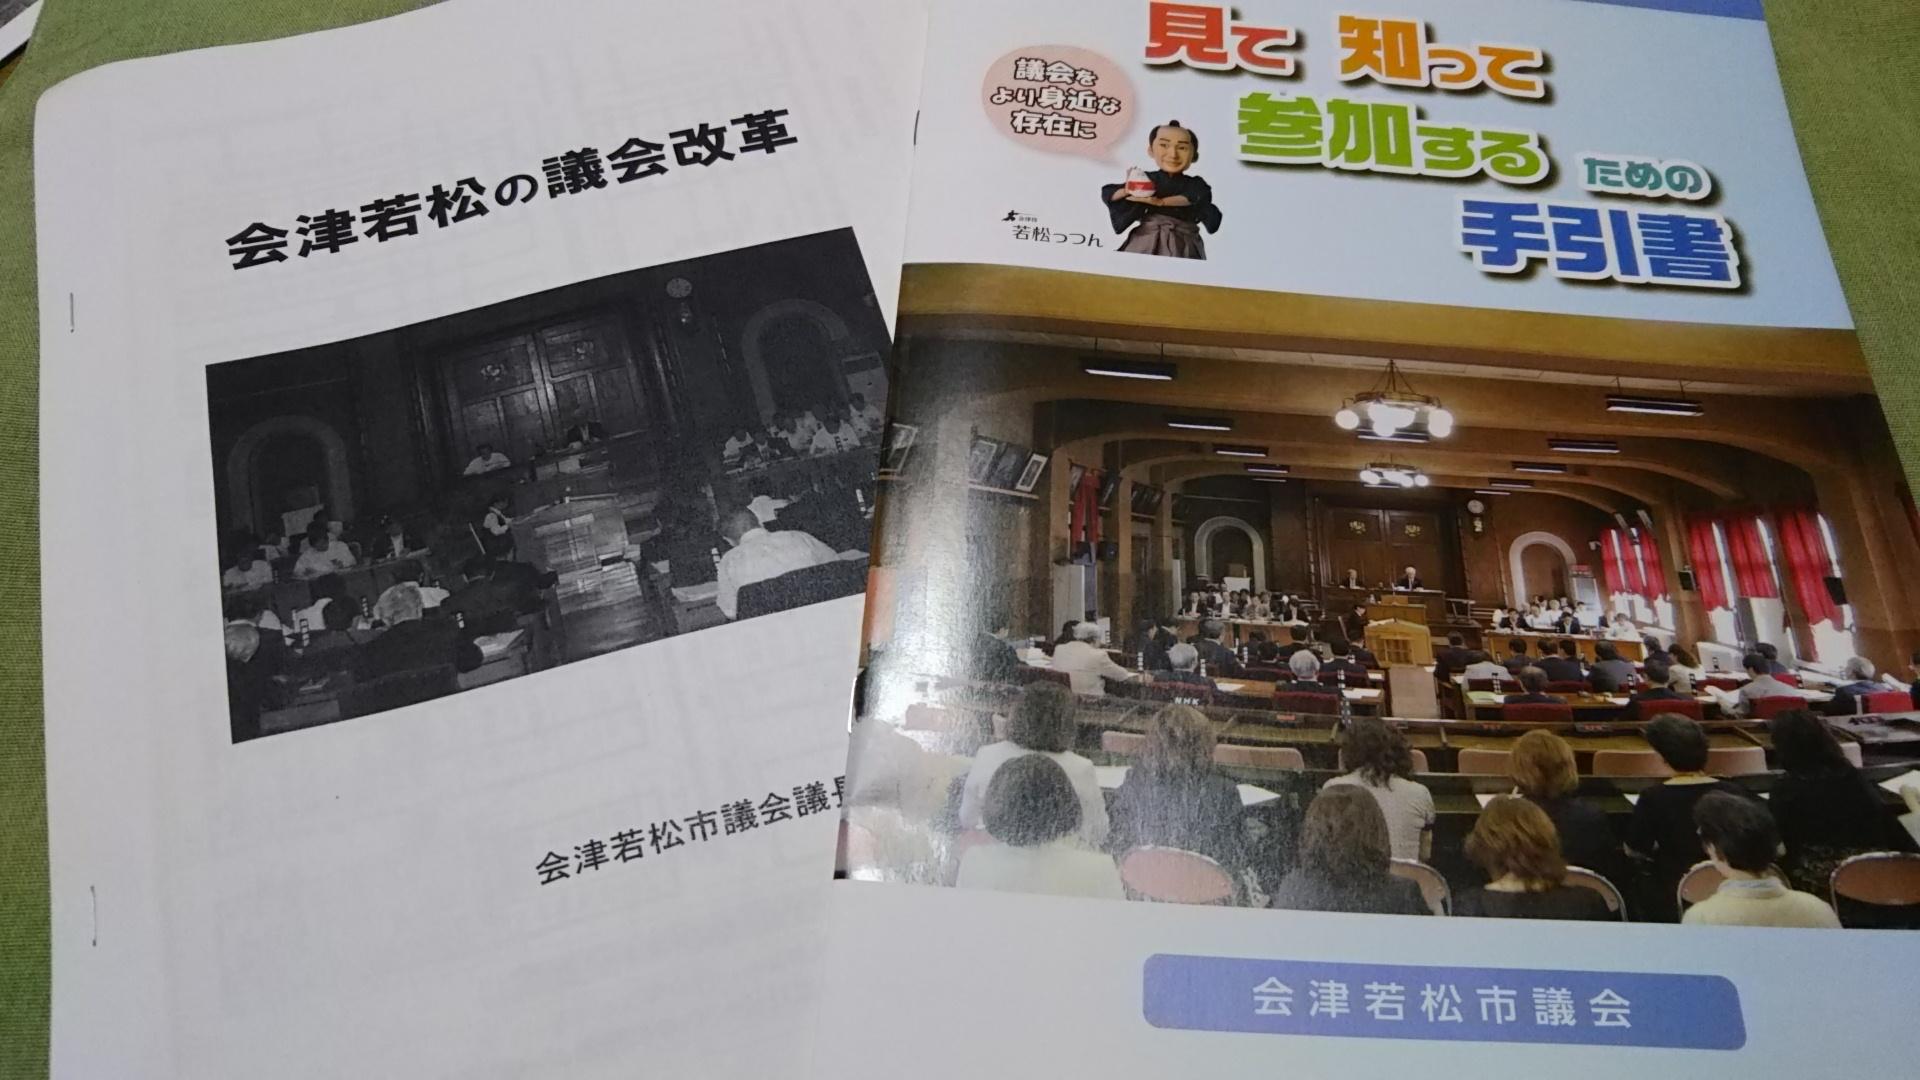 市民意見を起点とした政策サイクルについて~会津若松の議会改革~